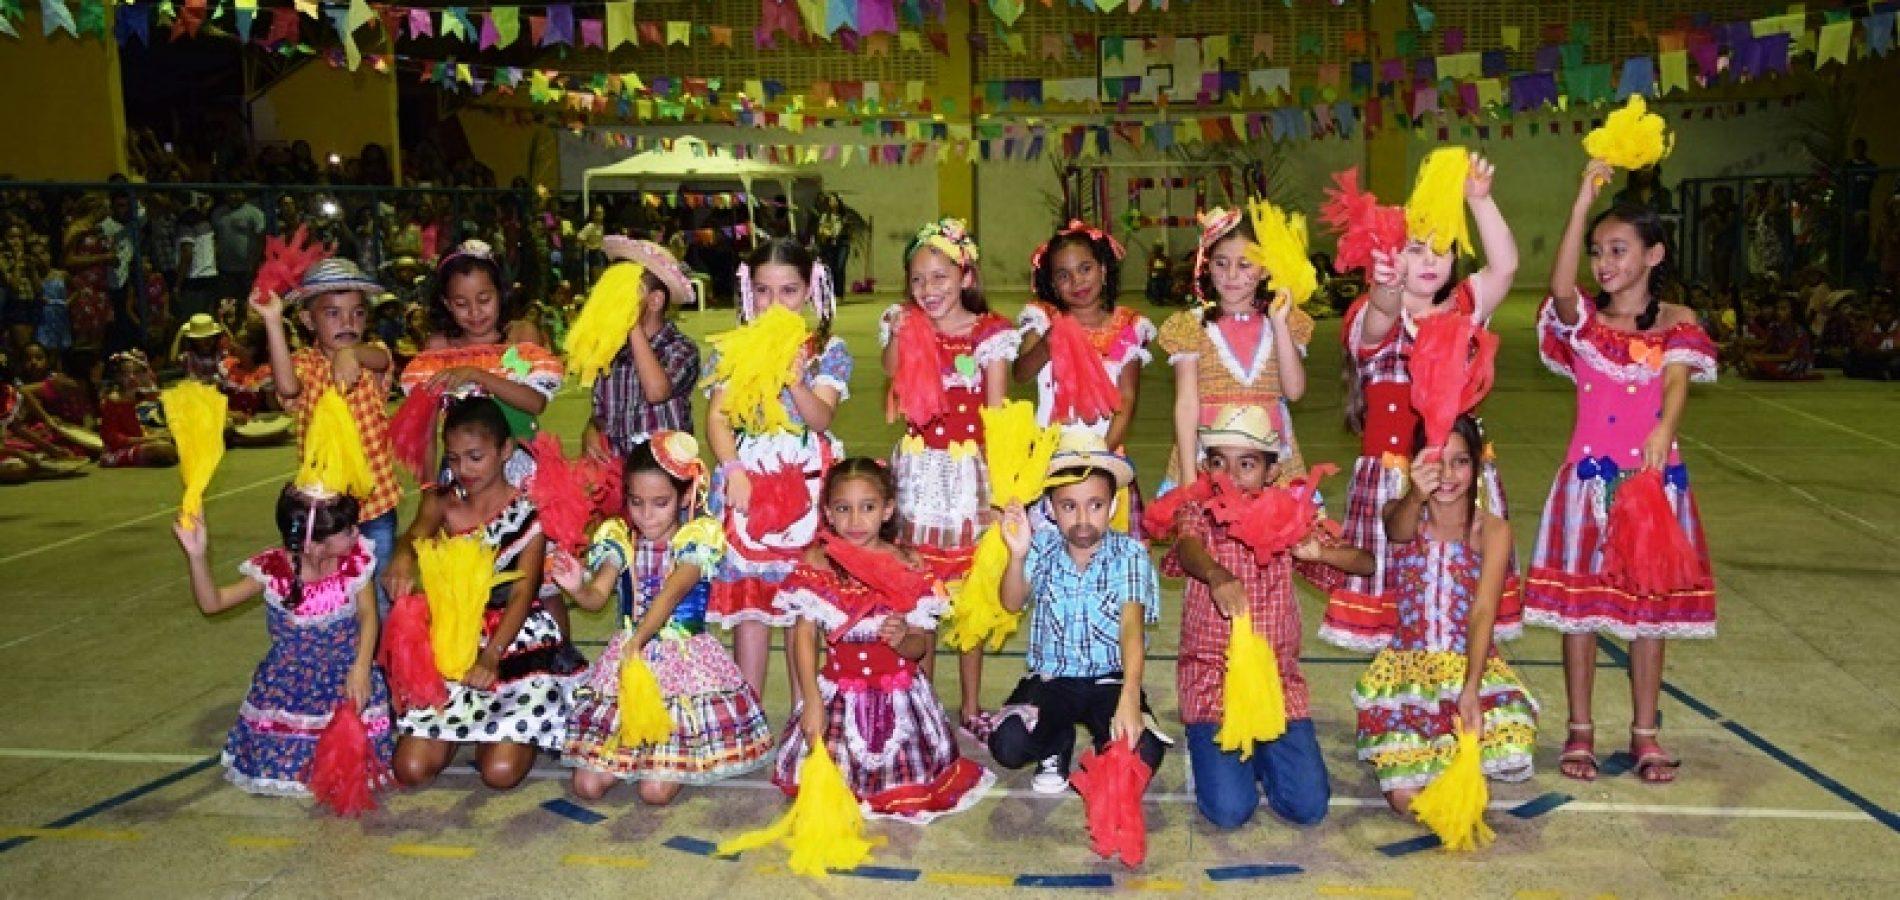 PICOS | Escola Municipal Tia Celeste realiza Noite Junina com apresentações musicais e quadrilhas